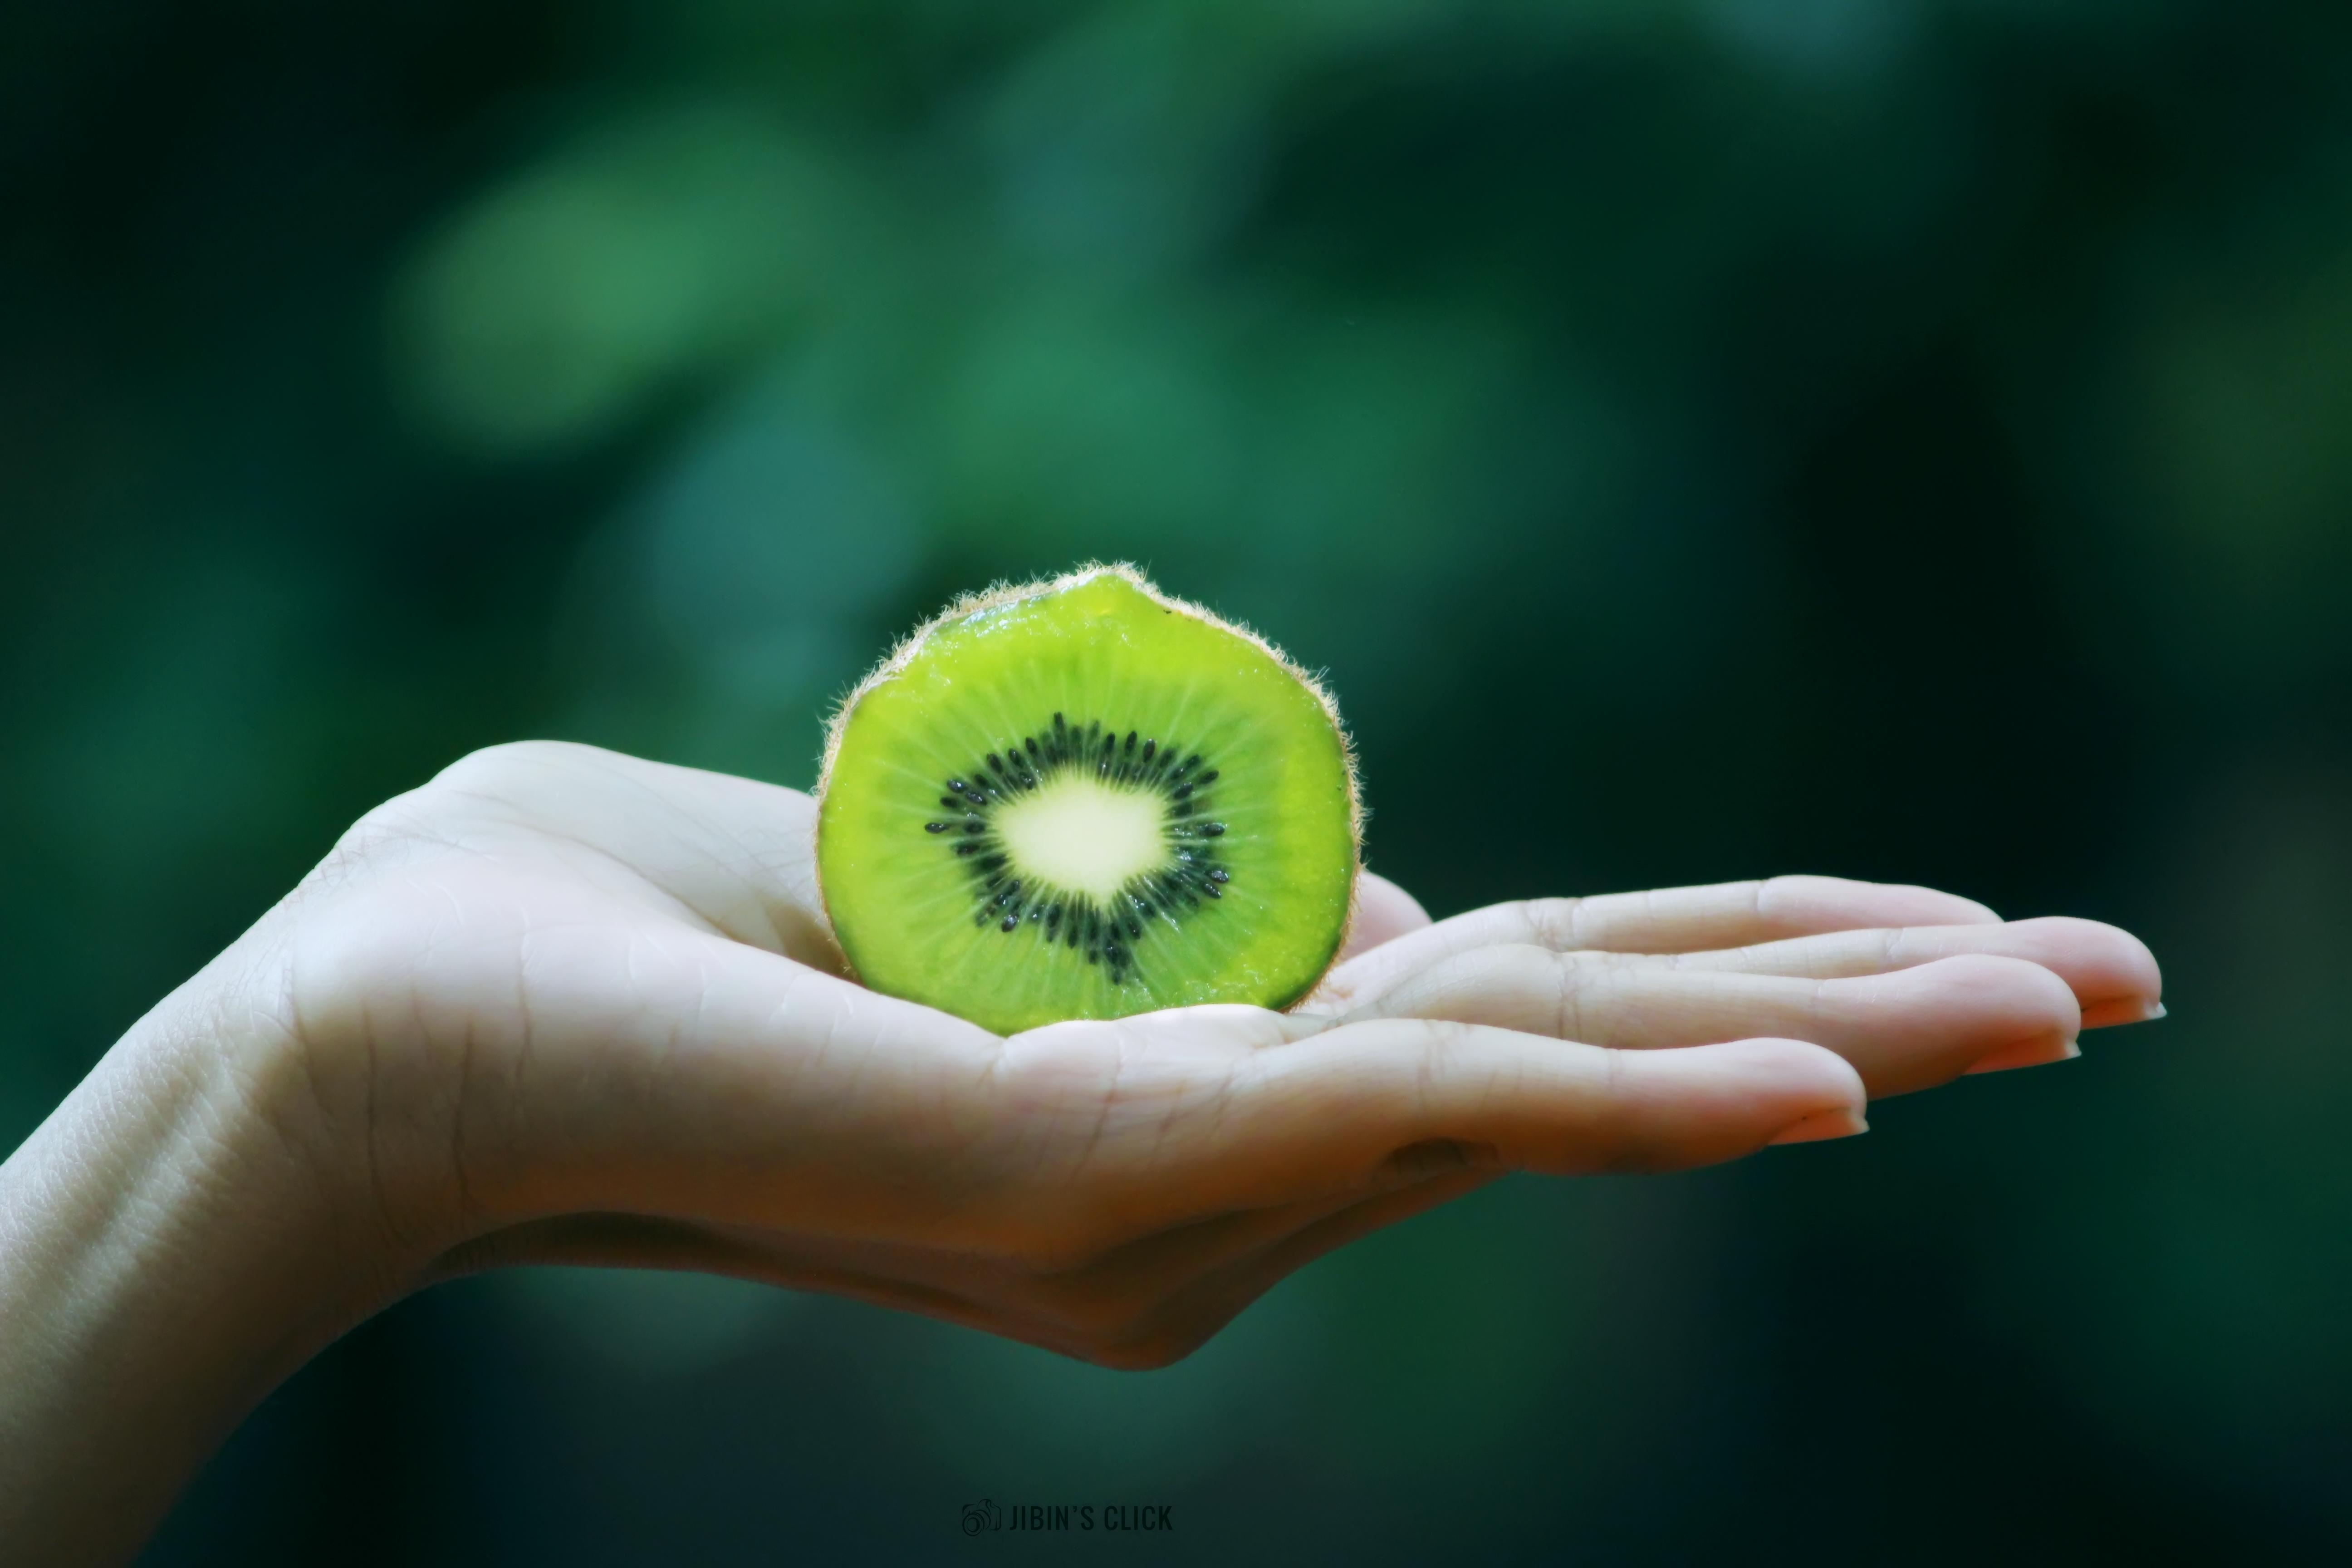 20 loại hoa quả tốt nhất cho sức khỏe (phần 1) 4